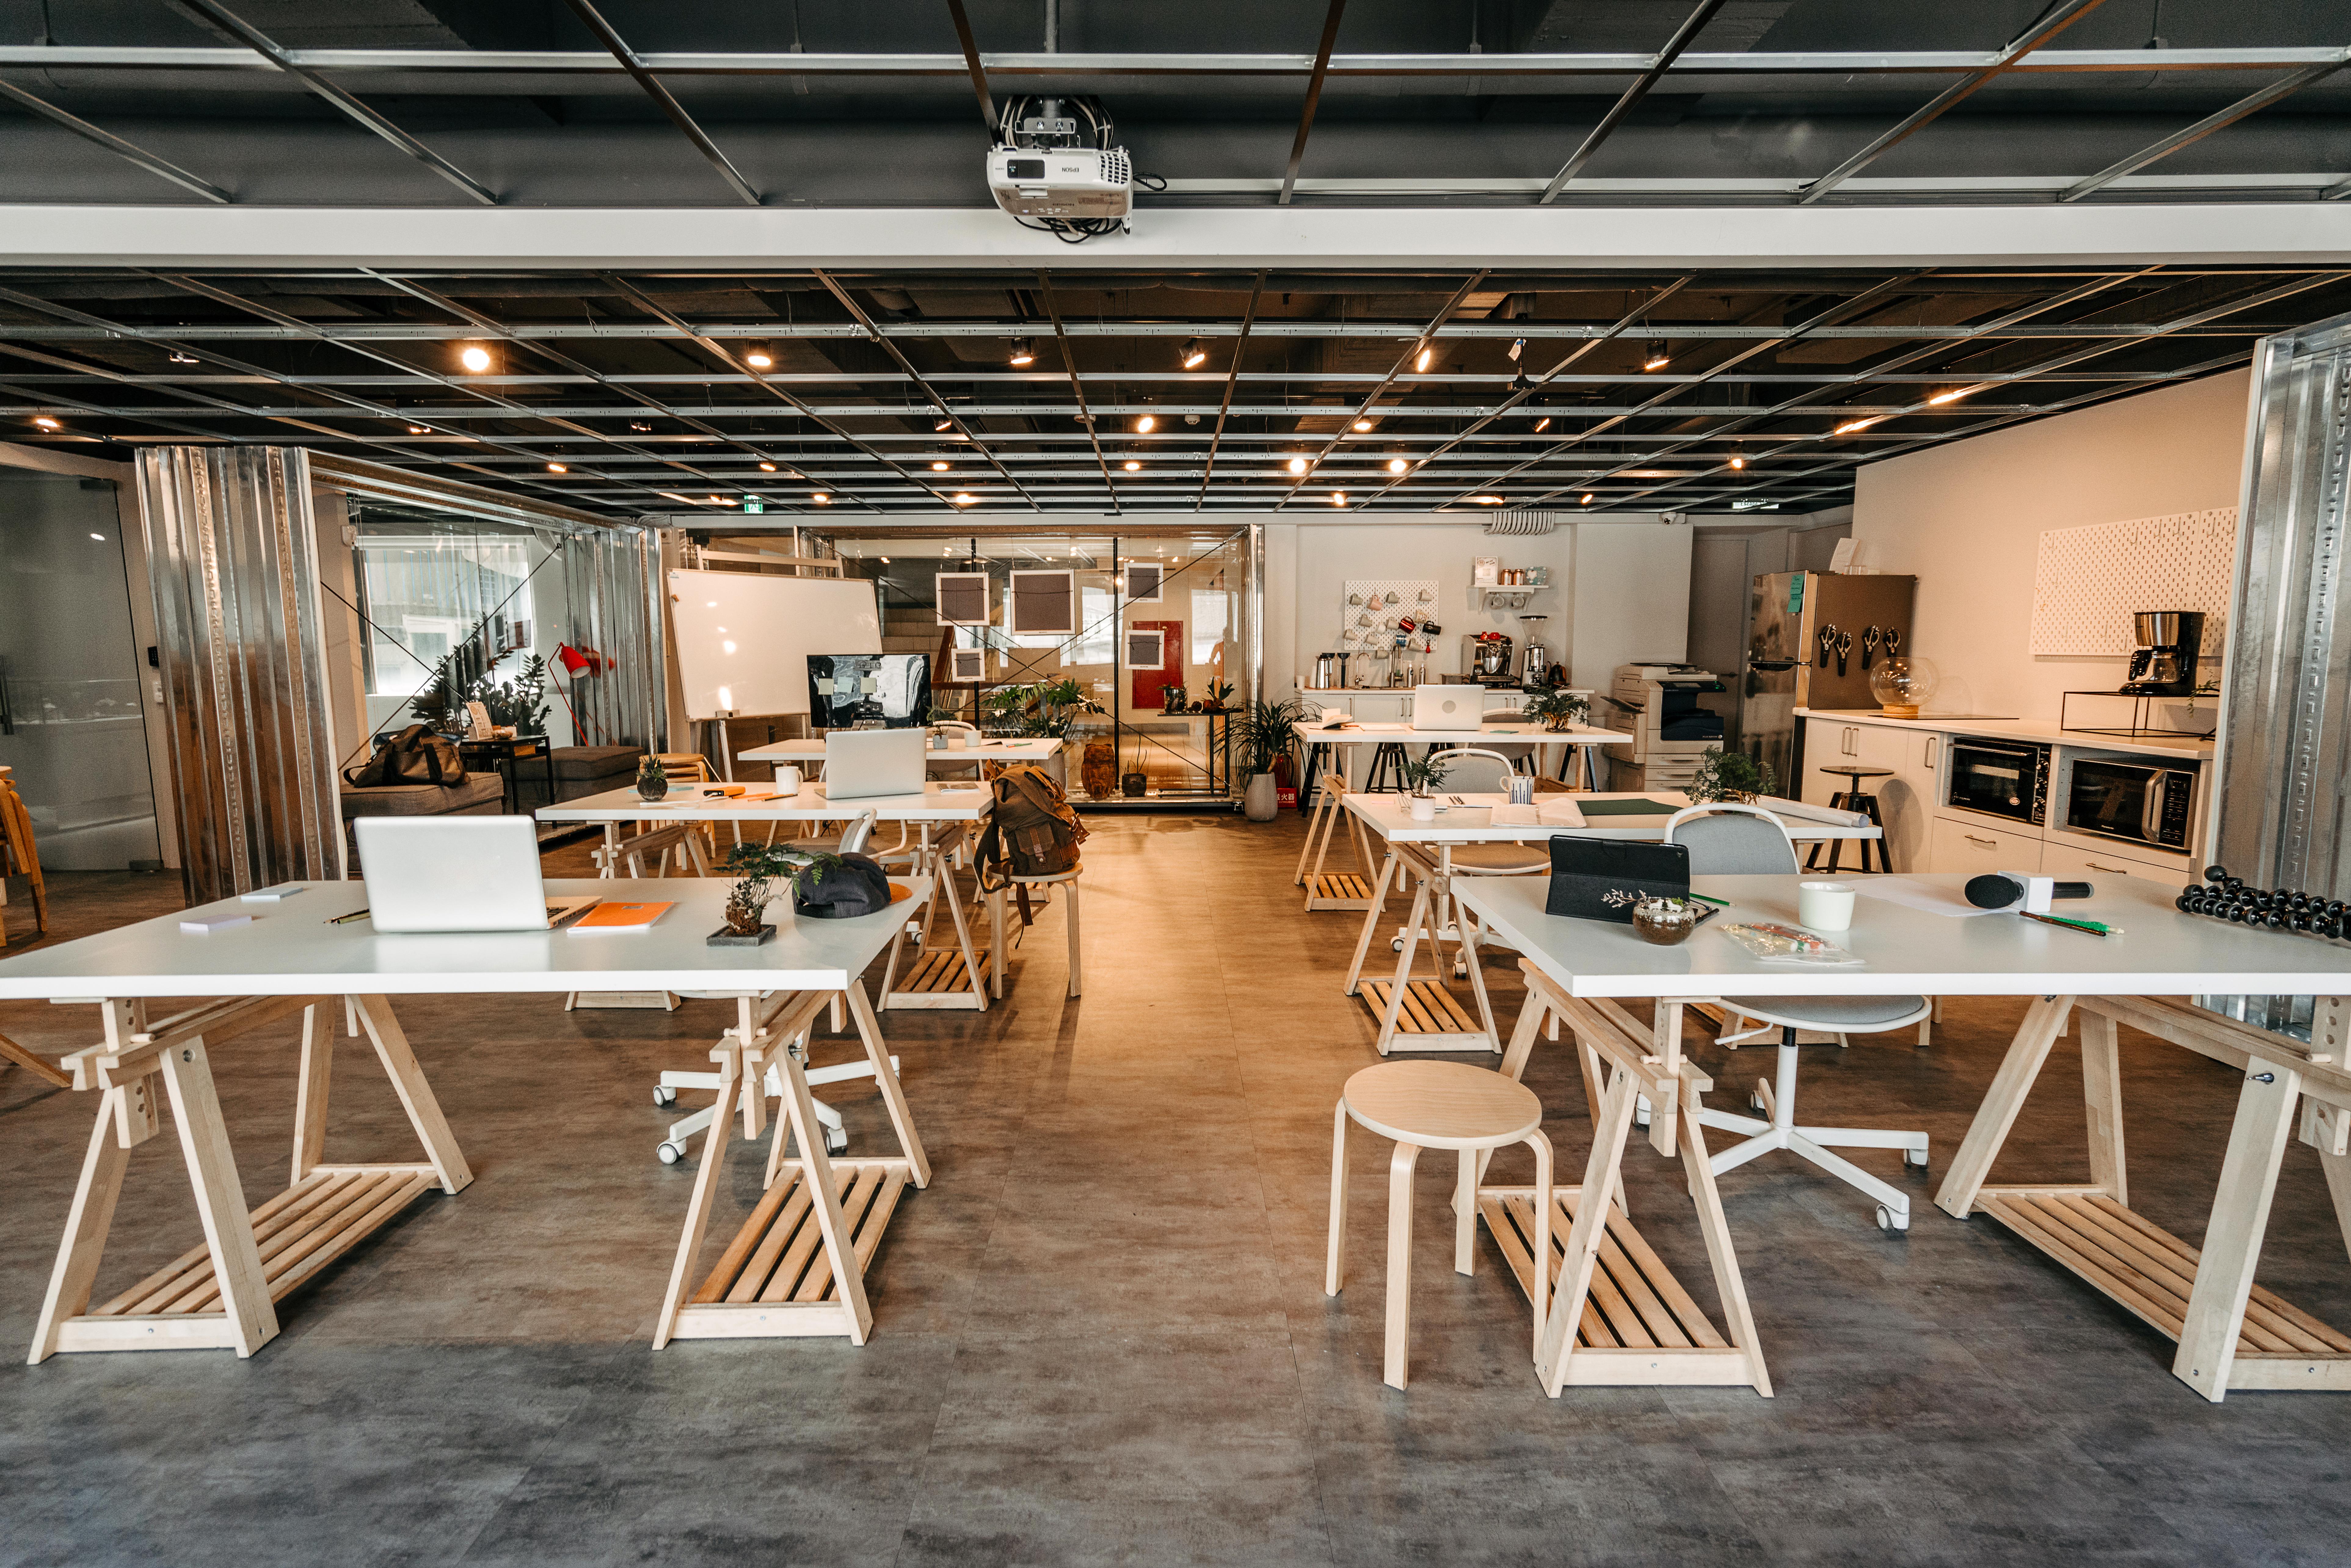 Coworking / flex office , undefined - Attraktive Coworking Spaces in Köln mieten - 20